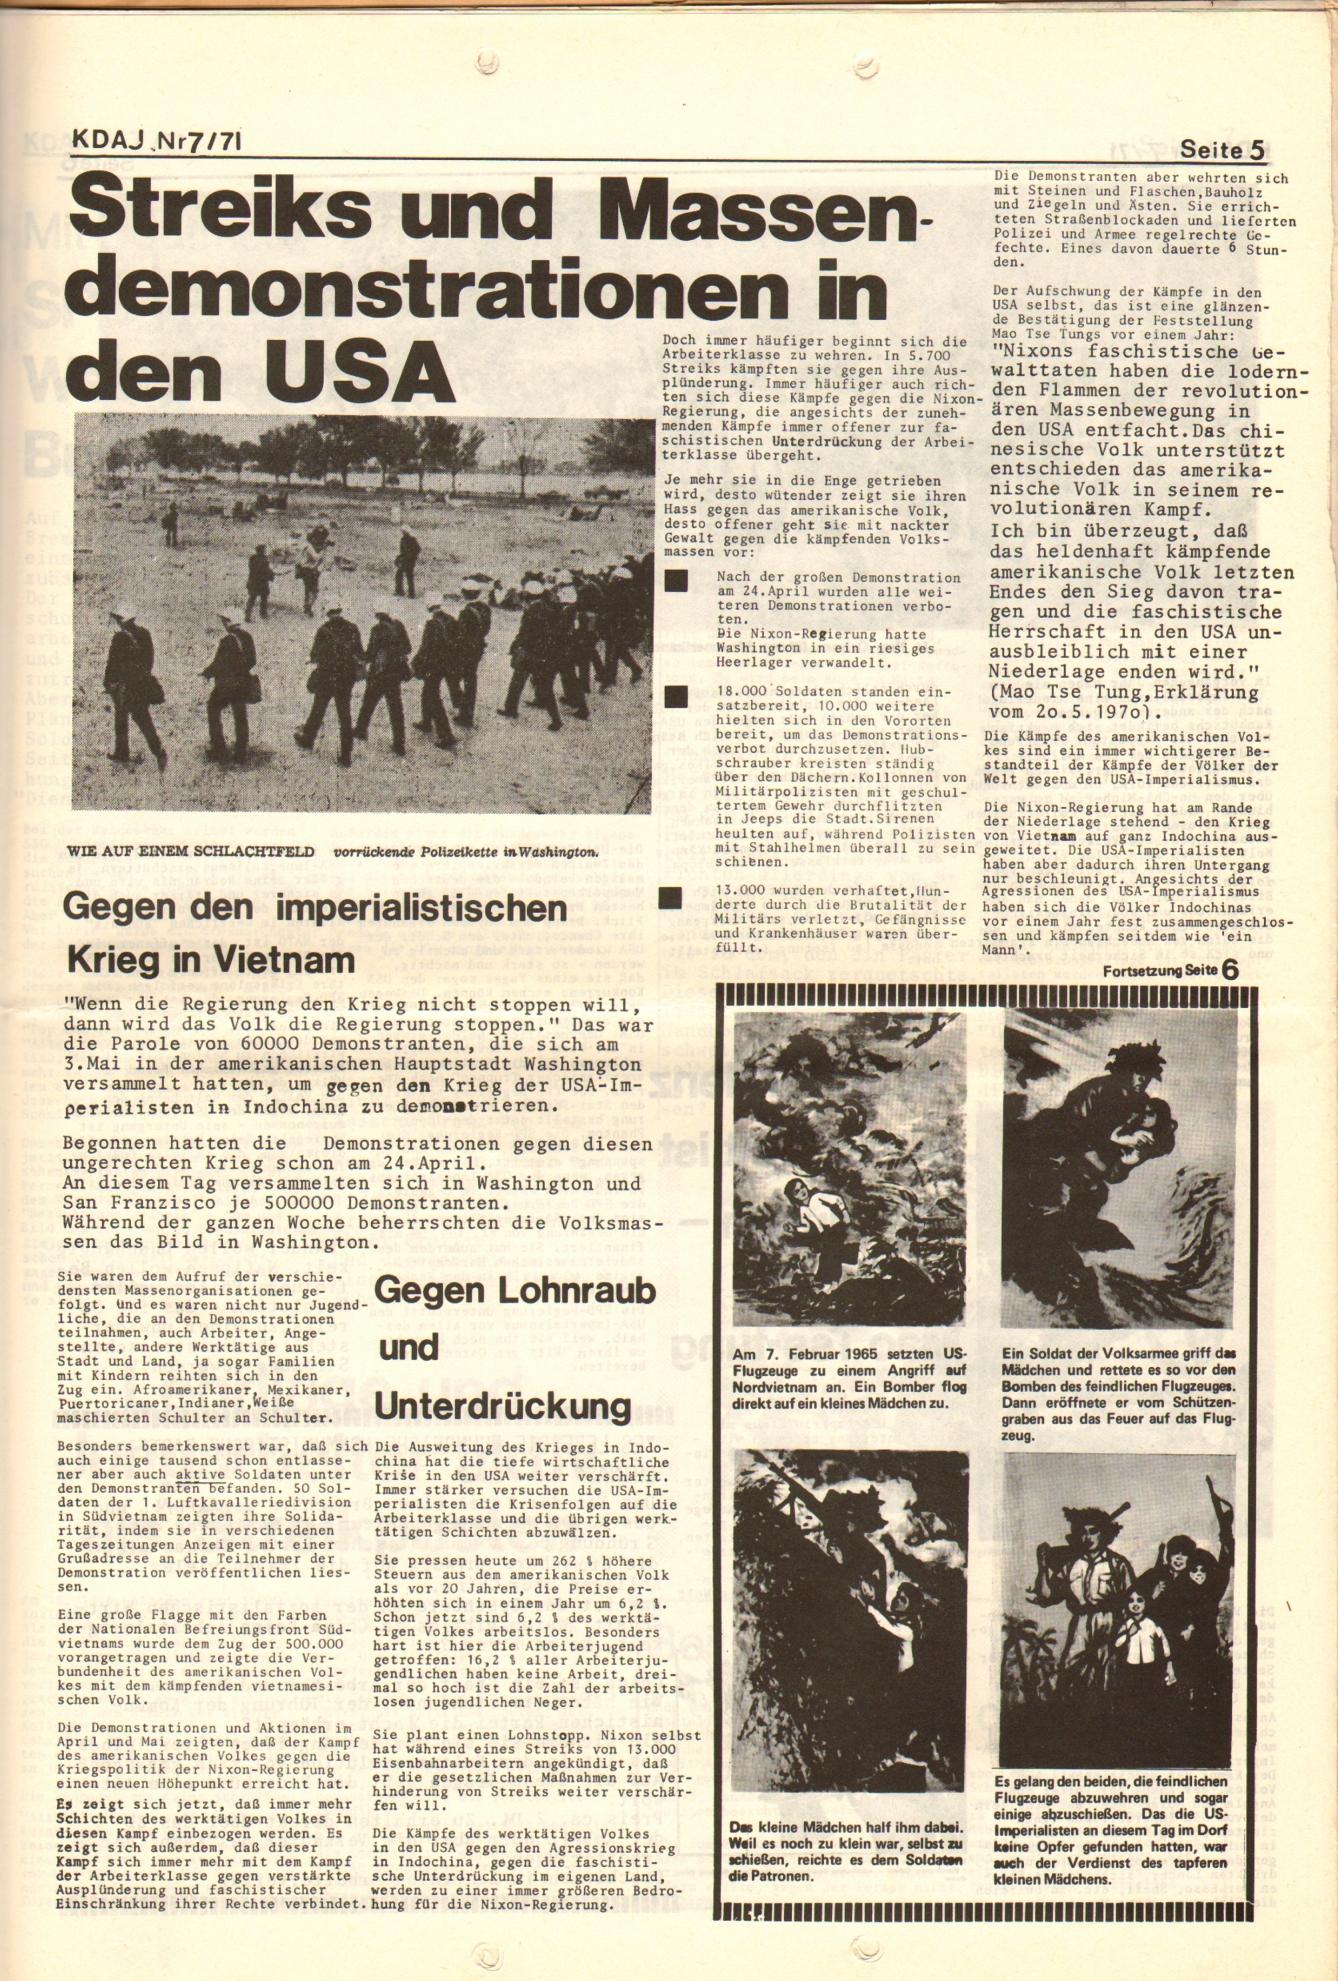 KDAJ, 2. Jg., Juli 1971, Nr. 7, Seite 5